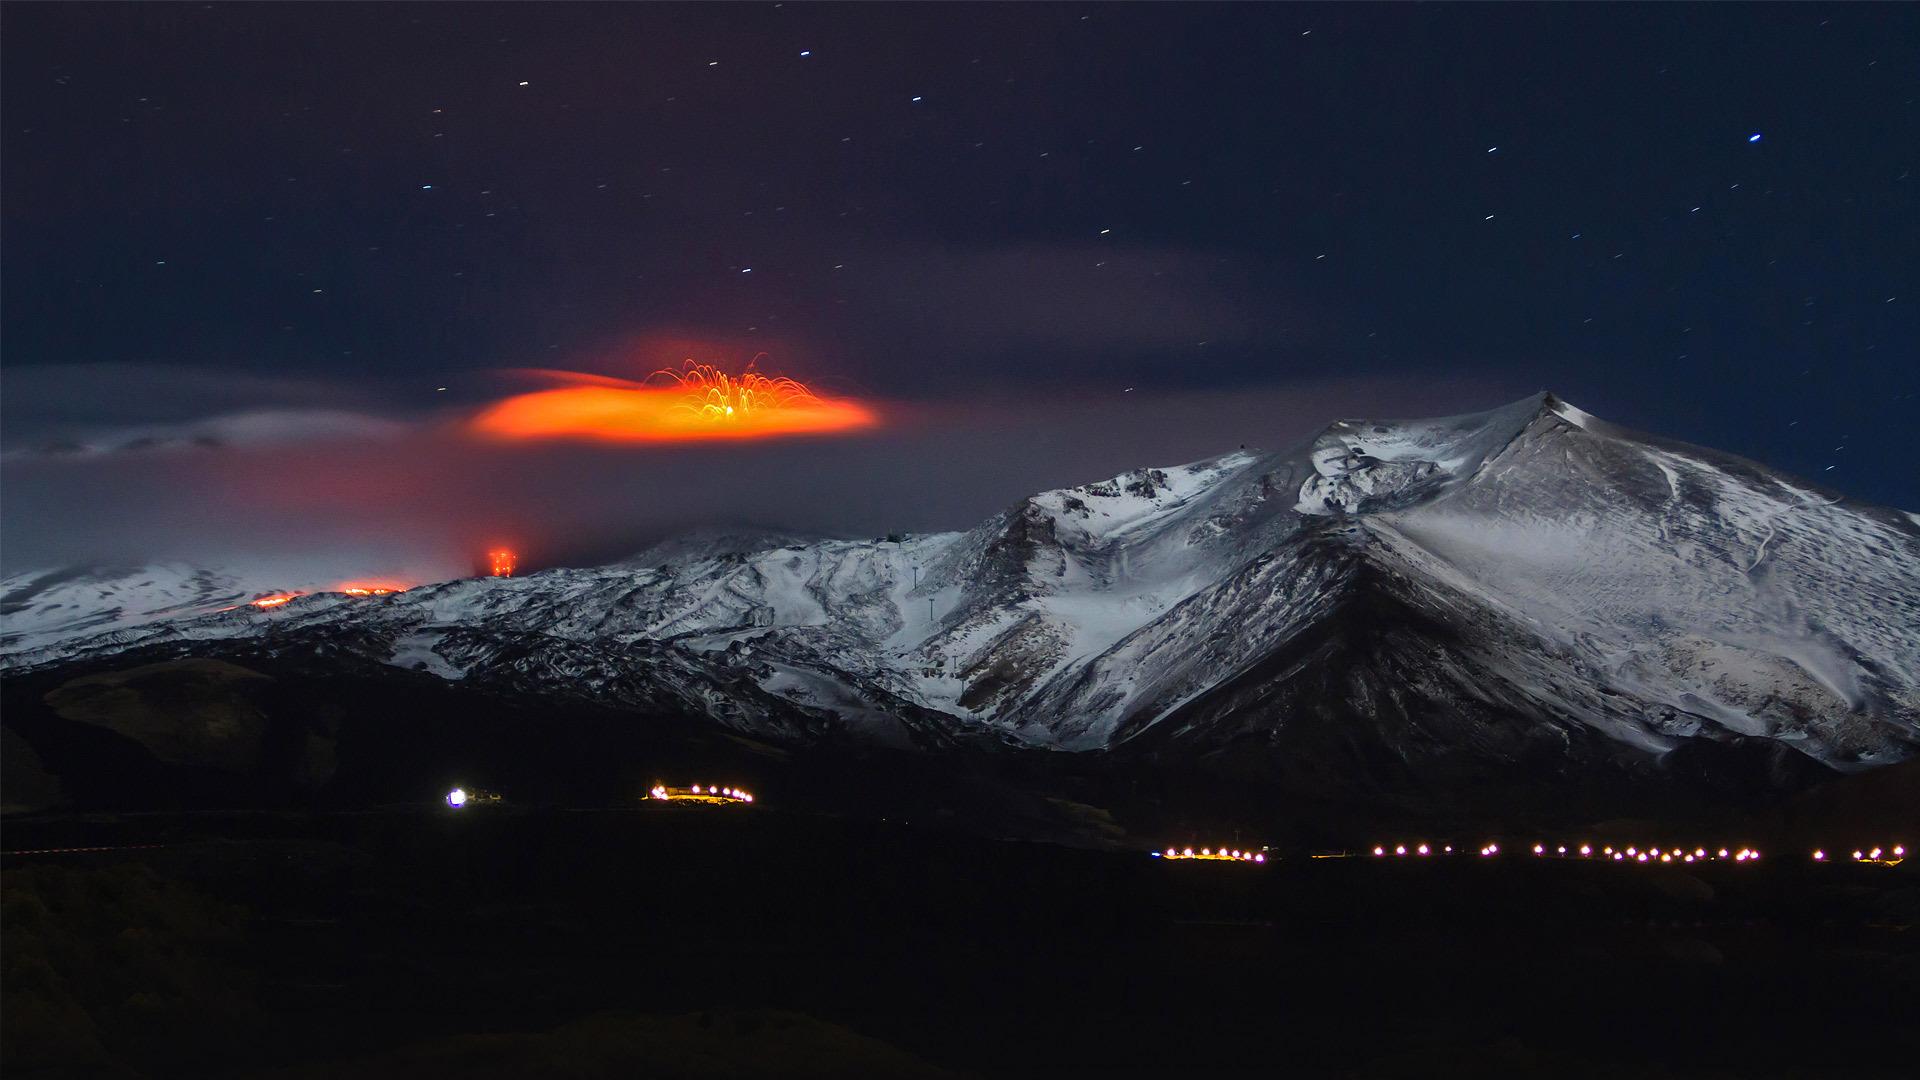 2013年正在喷发的埃特纳火山埃特纳火山